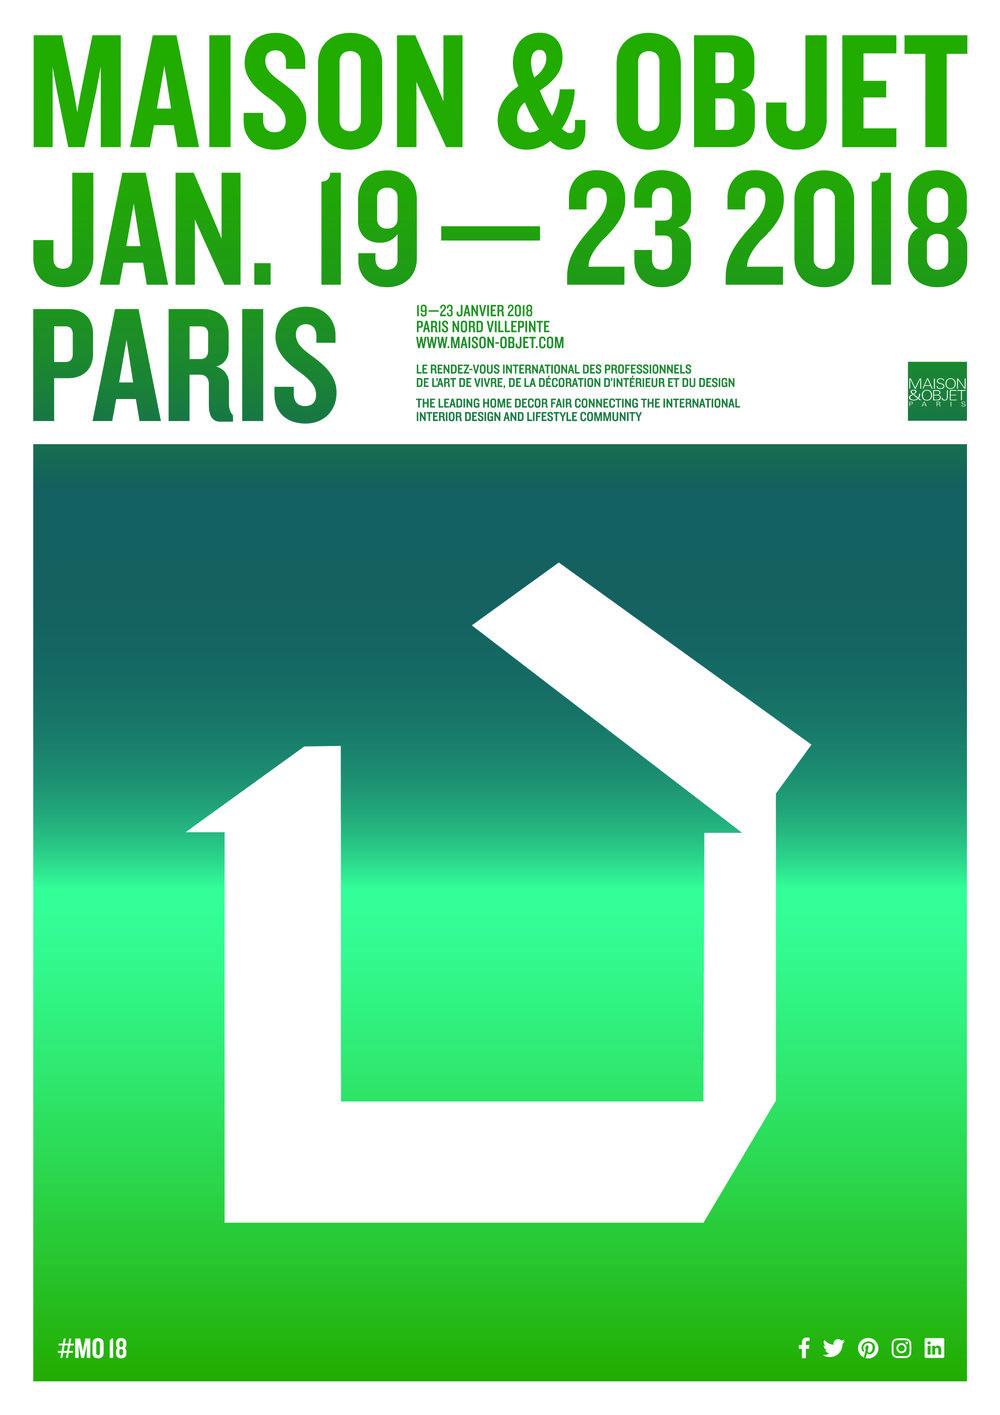 _M&O Paris J18 - Charte3_A4_FR-EN.jpg